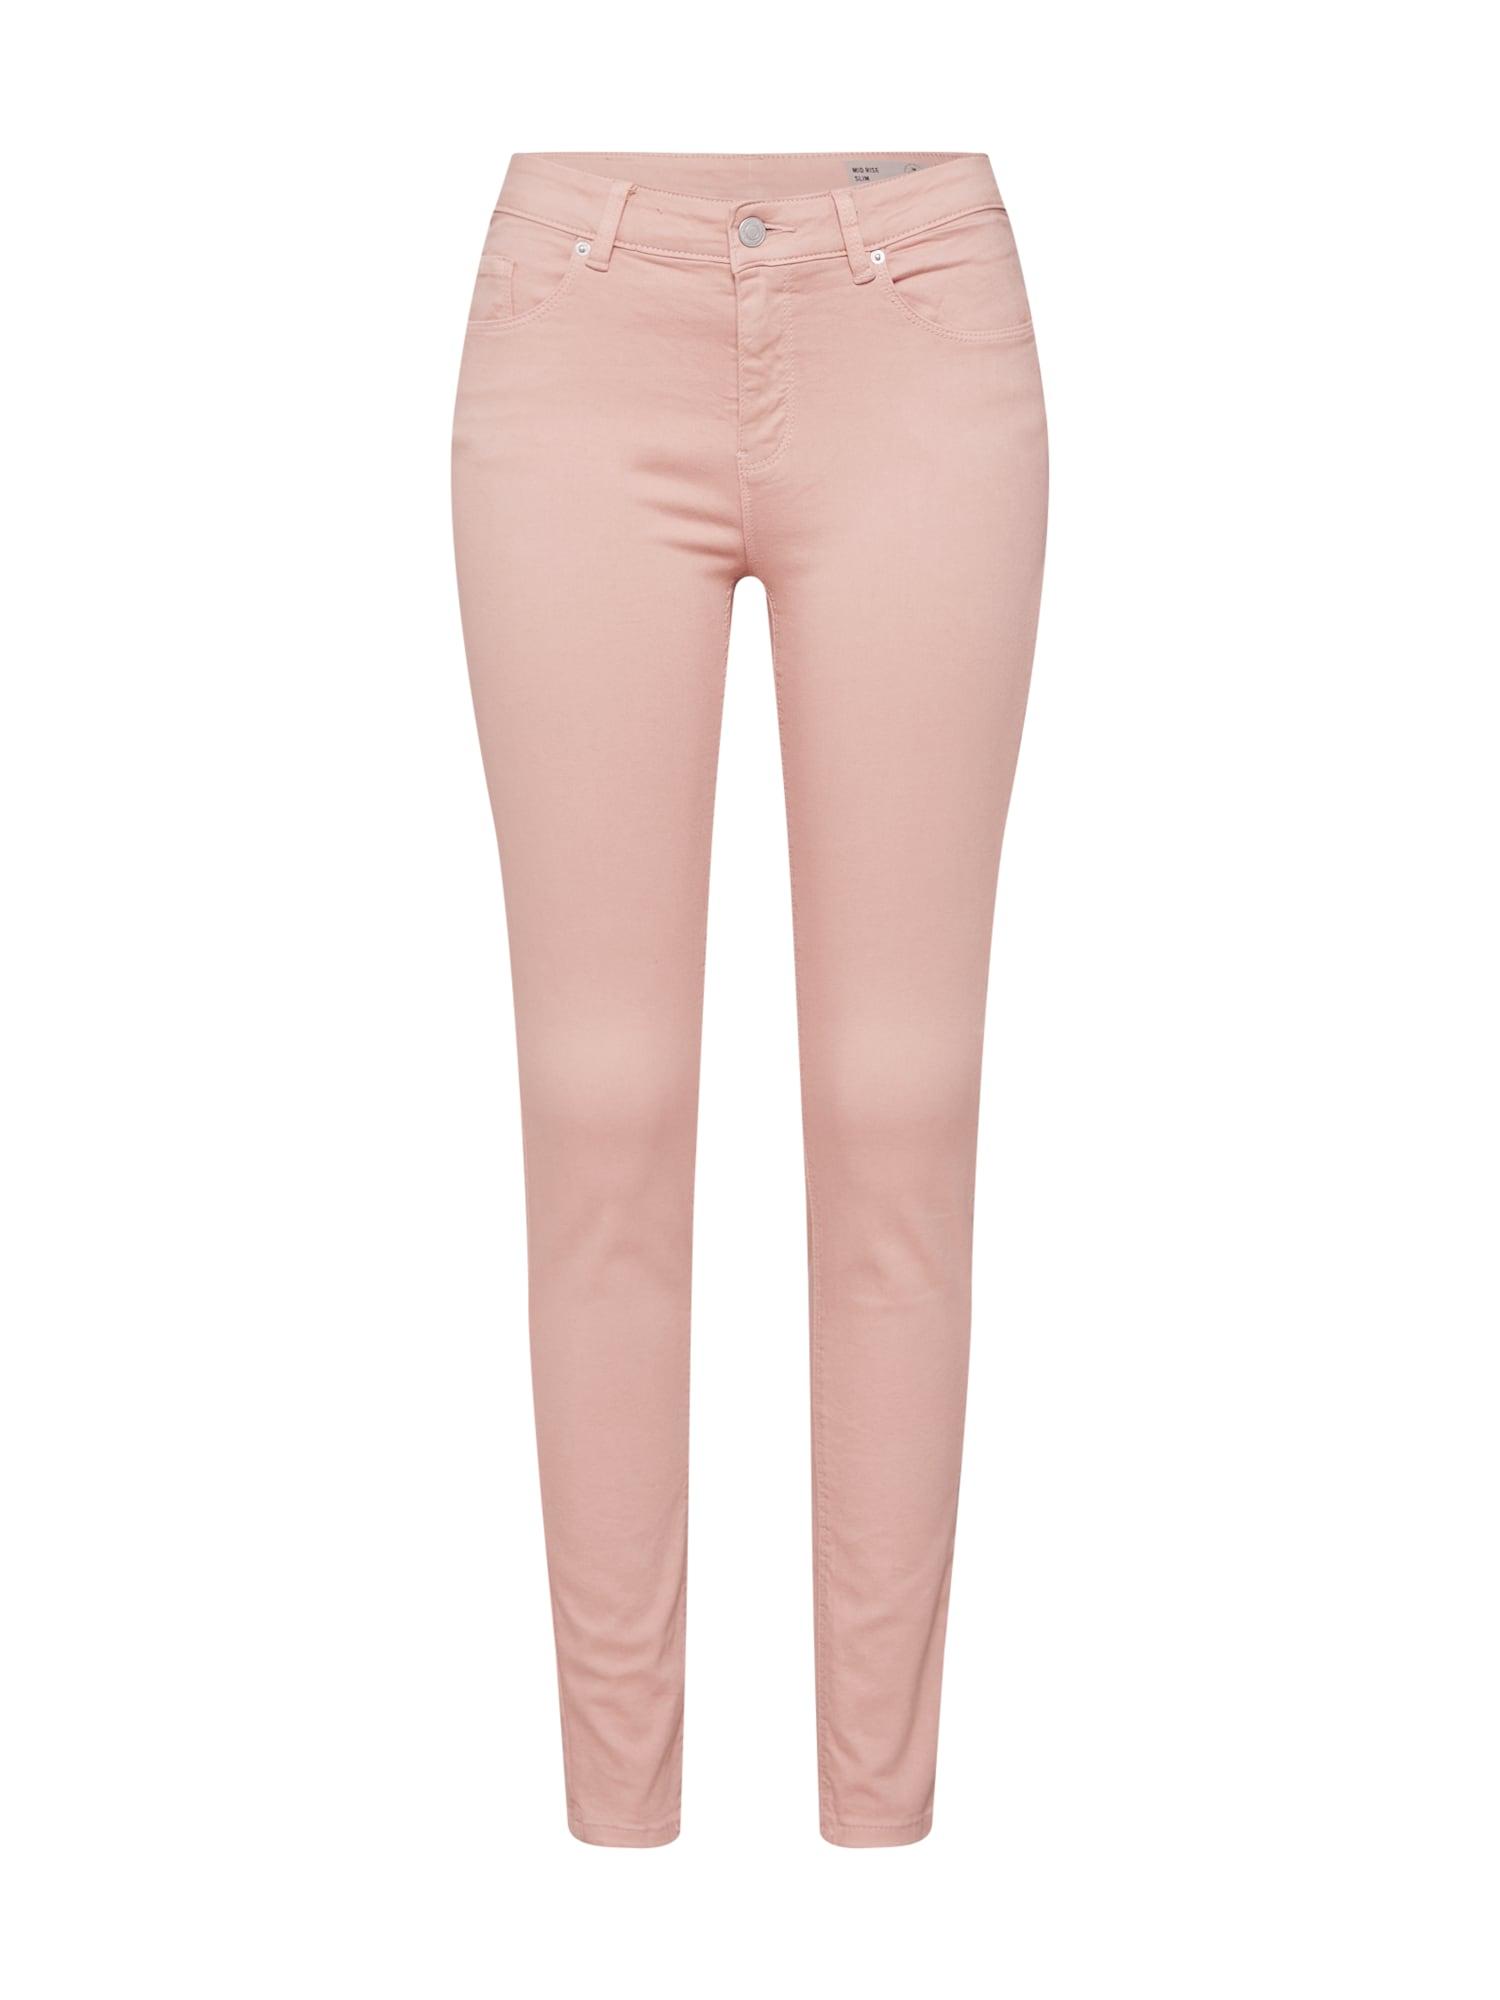 Kalhoty VMHOT SEVEN MR SLIM PUSH UP PANTS NOOS růžová VERO MODA